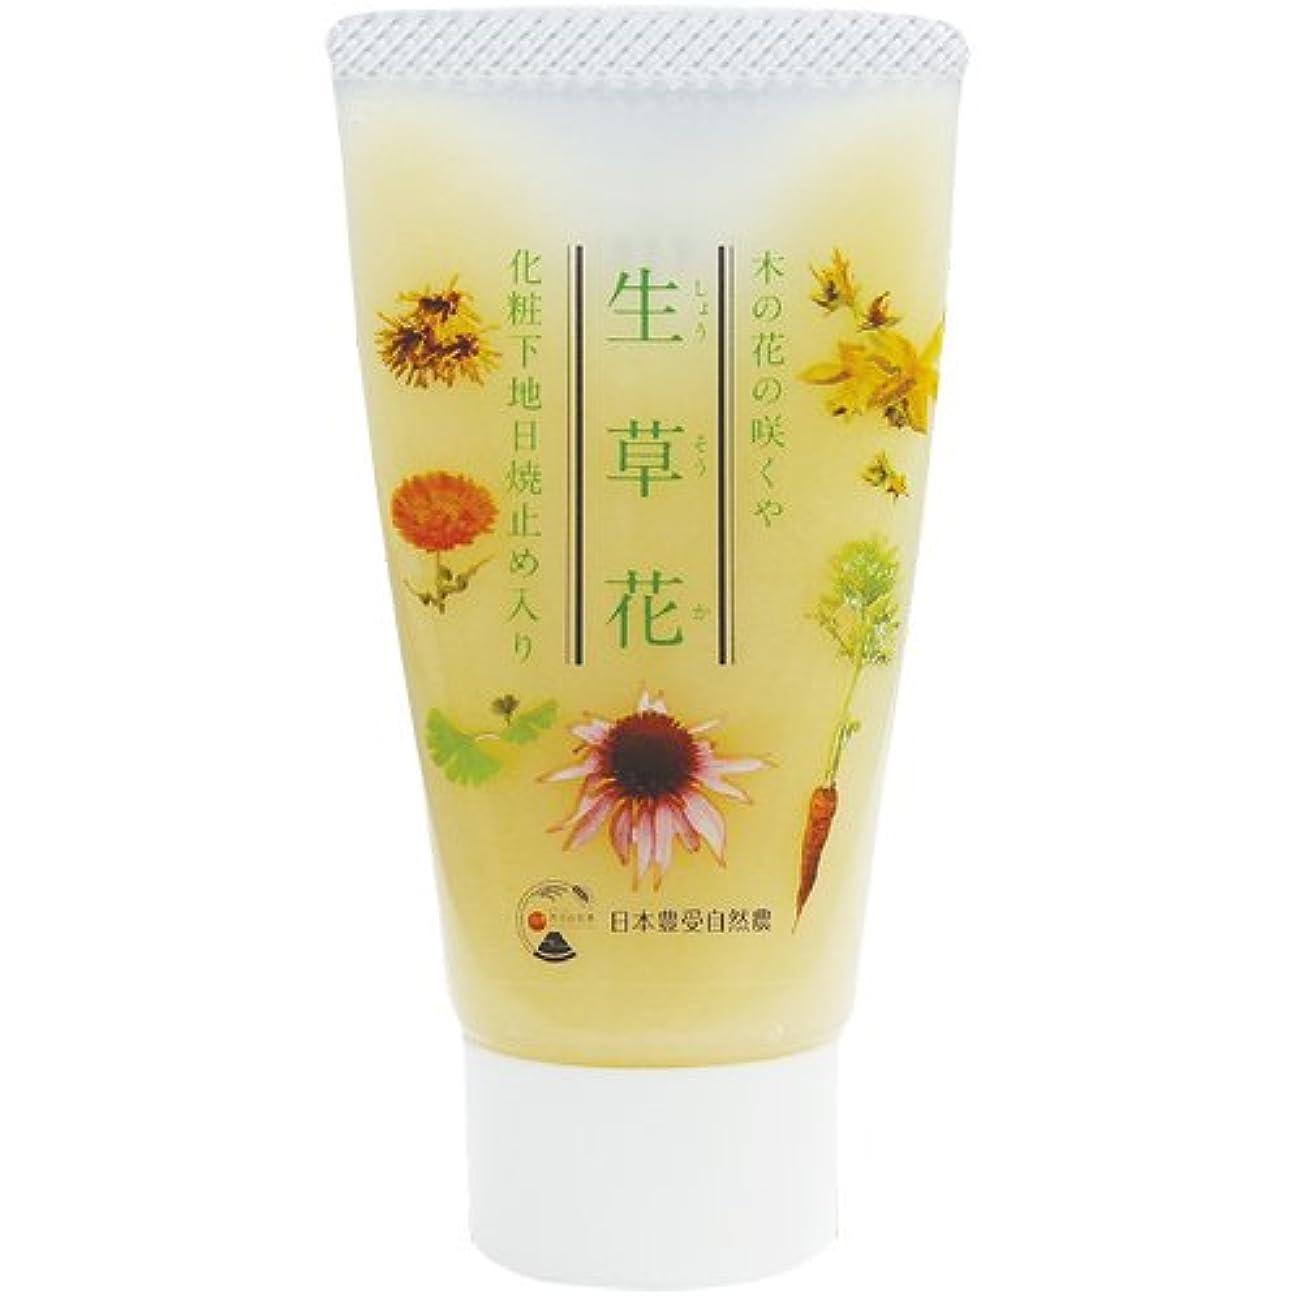 補充前進アノイ日本豊受自然農 木の花の咲くや 生草花 化粧下地 日焼け止め入り 30g